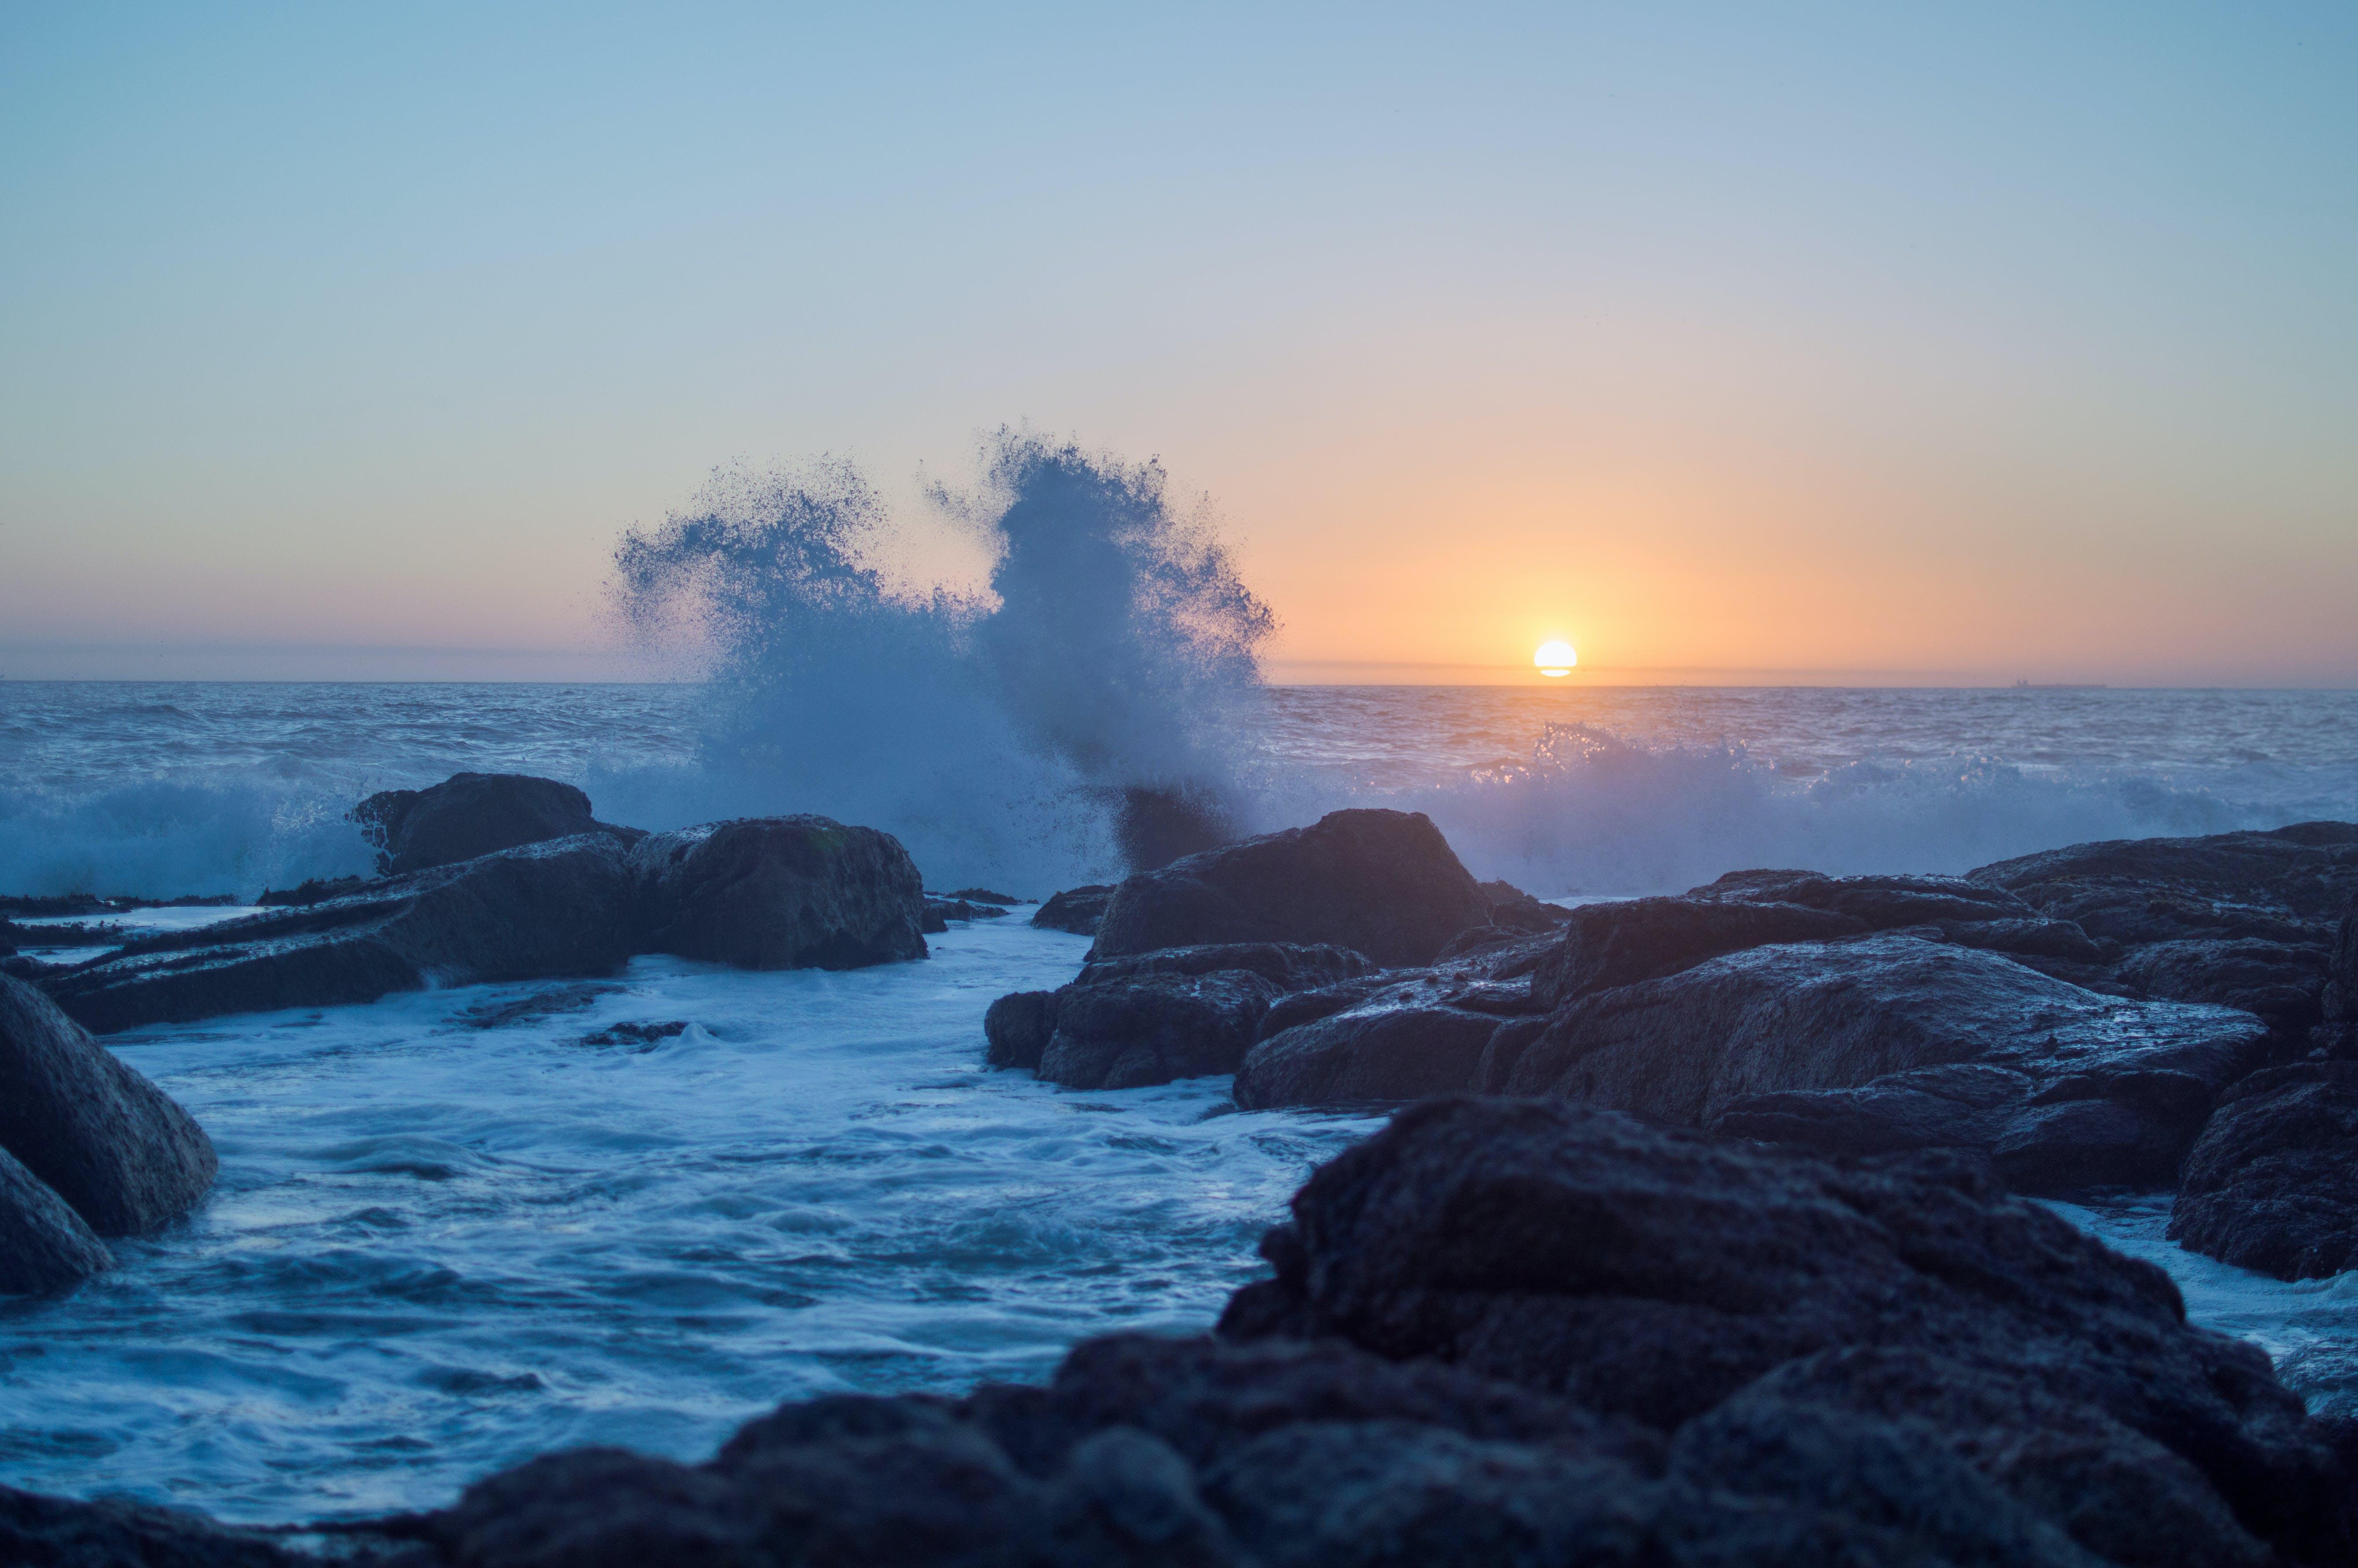 Scenic View of Rocky Shore